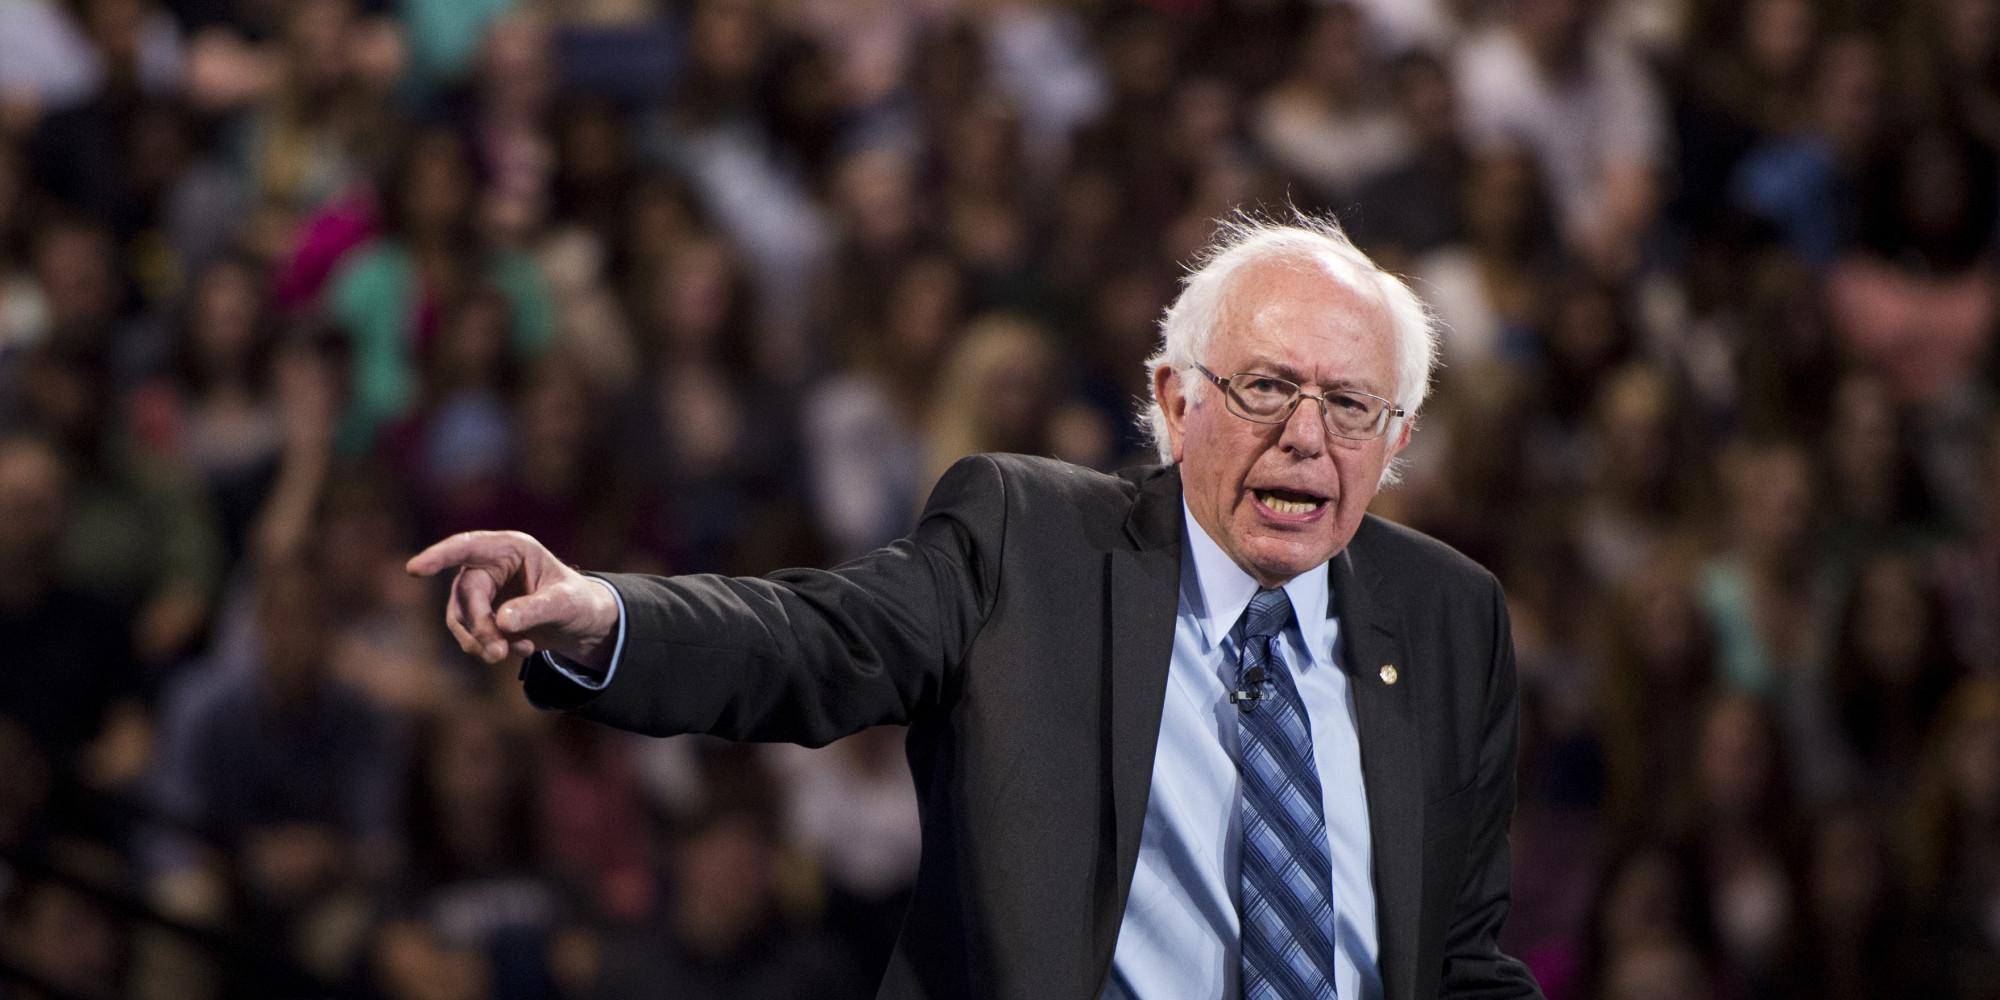 نظرسنجی هیل: برنی سندرز محبوبترین سیاستمدار فعال آمریکا است